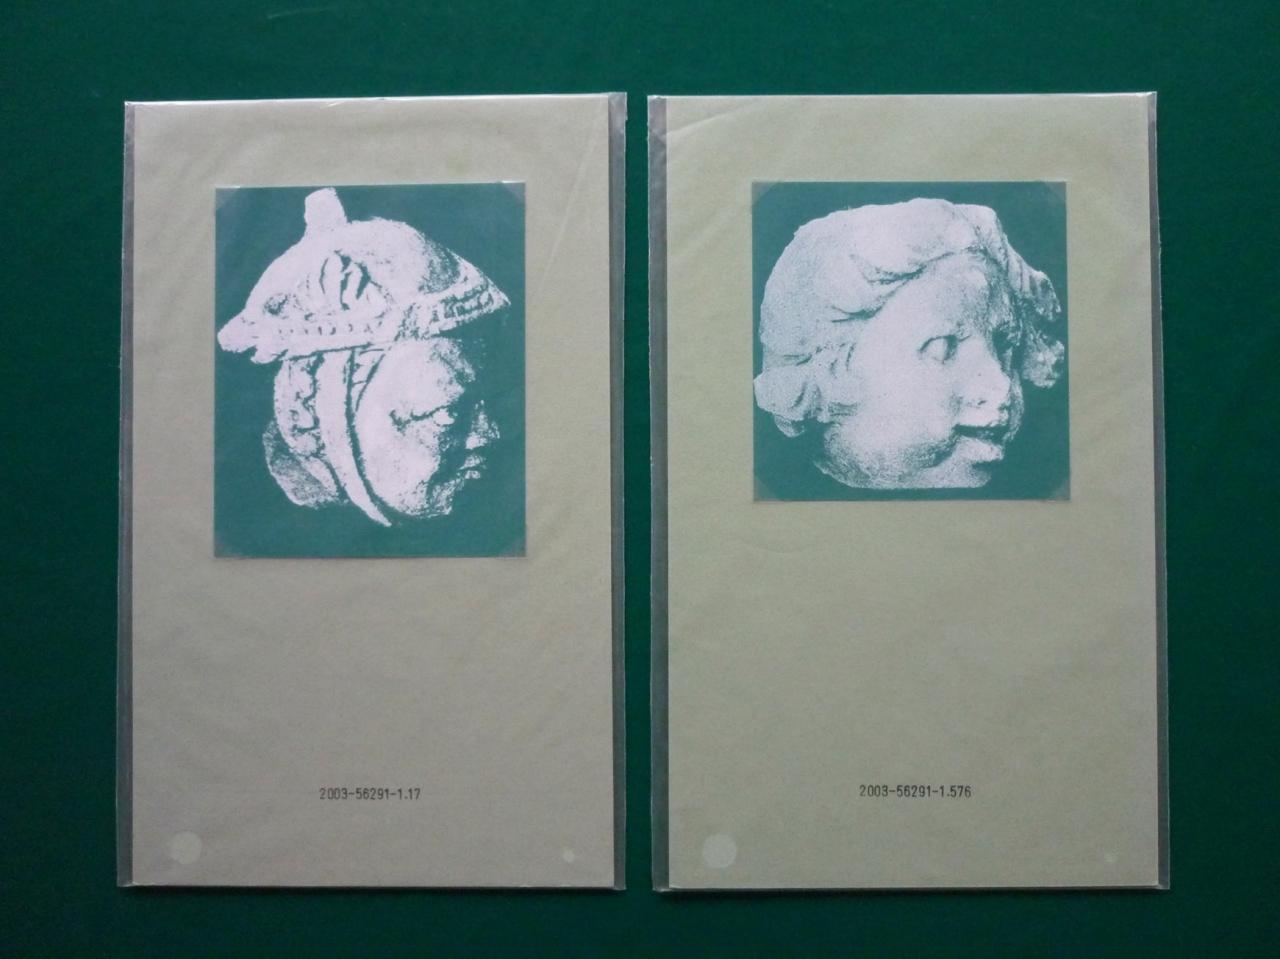 La Houle Dieudonné Cartier <br> Hadda (Stolen Afghan Items – Sculptures / Heads)